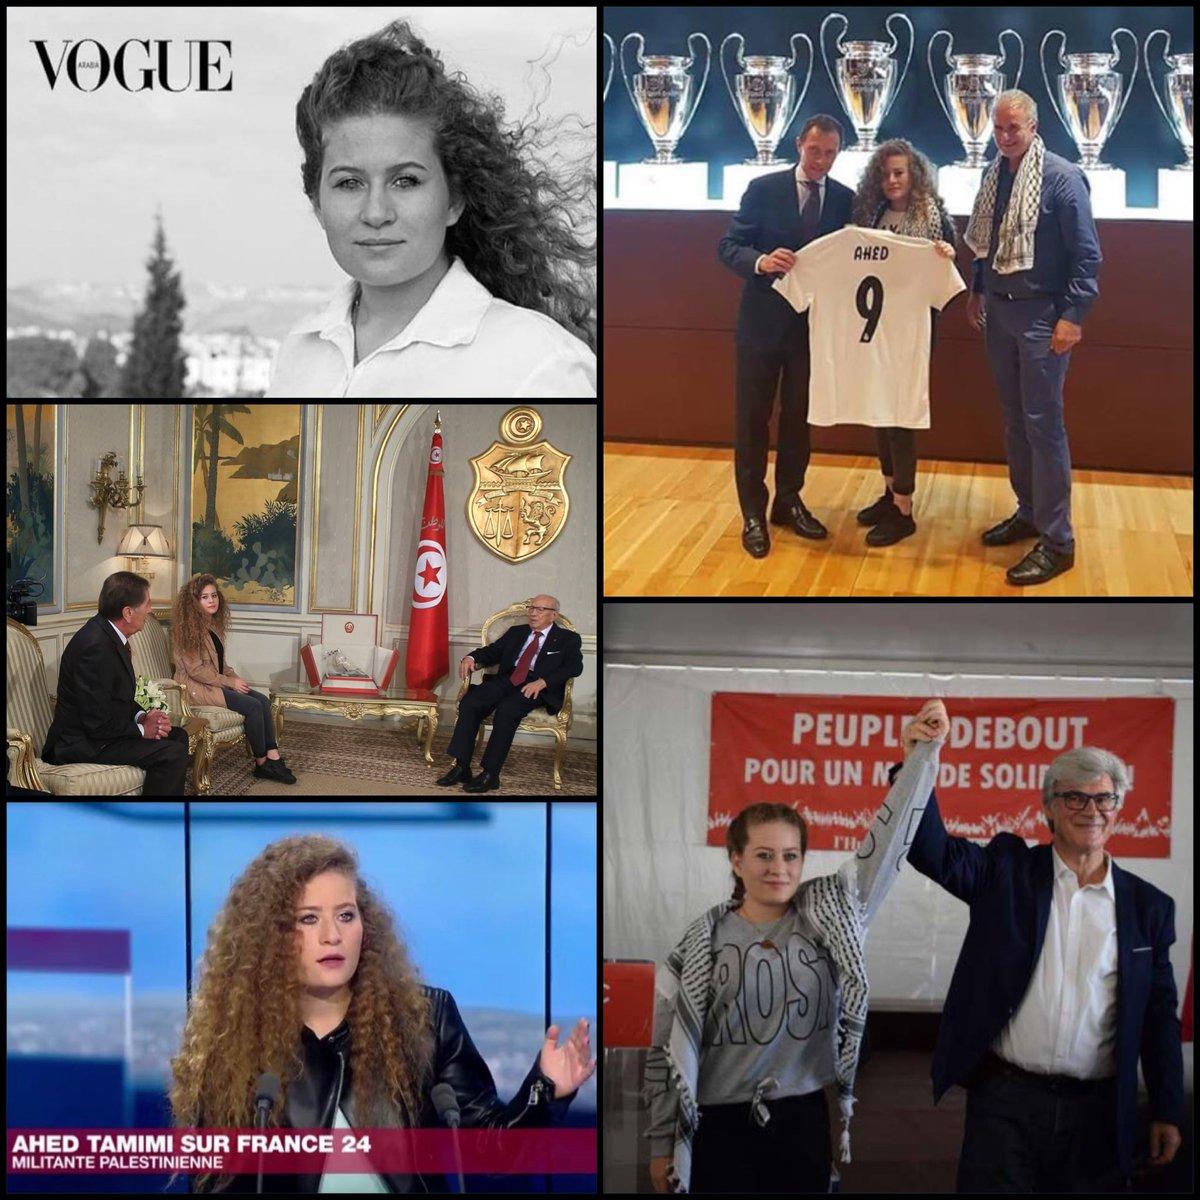 """Pour avoir giflé un soldat israélien, les médias ont fait d'Ahed Tamimi une """"icône"""". Depuis, elle a été reçue par le Président tunisien, le Real Madrid, fait la Une de Vogue,...Comme quoi, soutenir les terroristes du Hezbollah, inciter à la haine et à la violence, ça paye bien.  - FestivalFocus"""